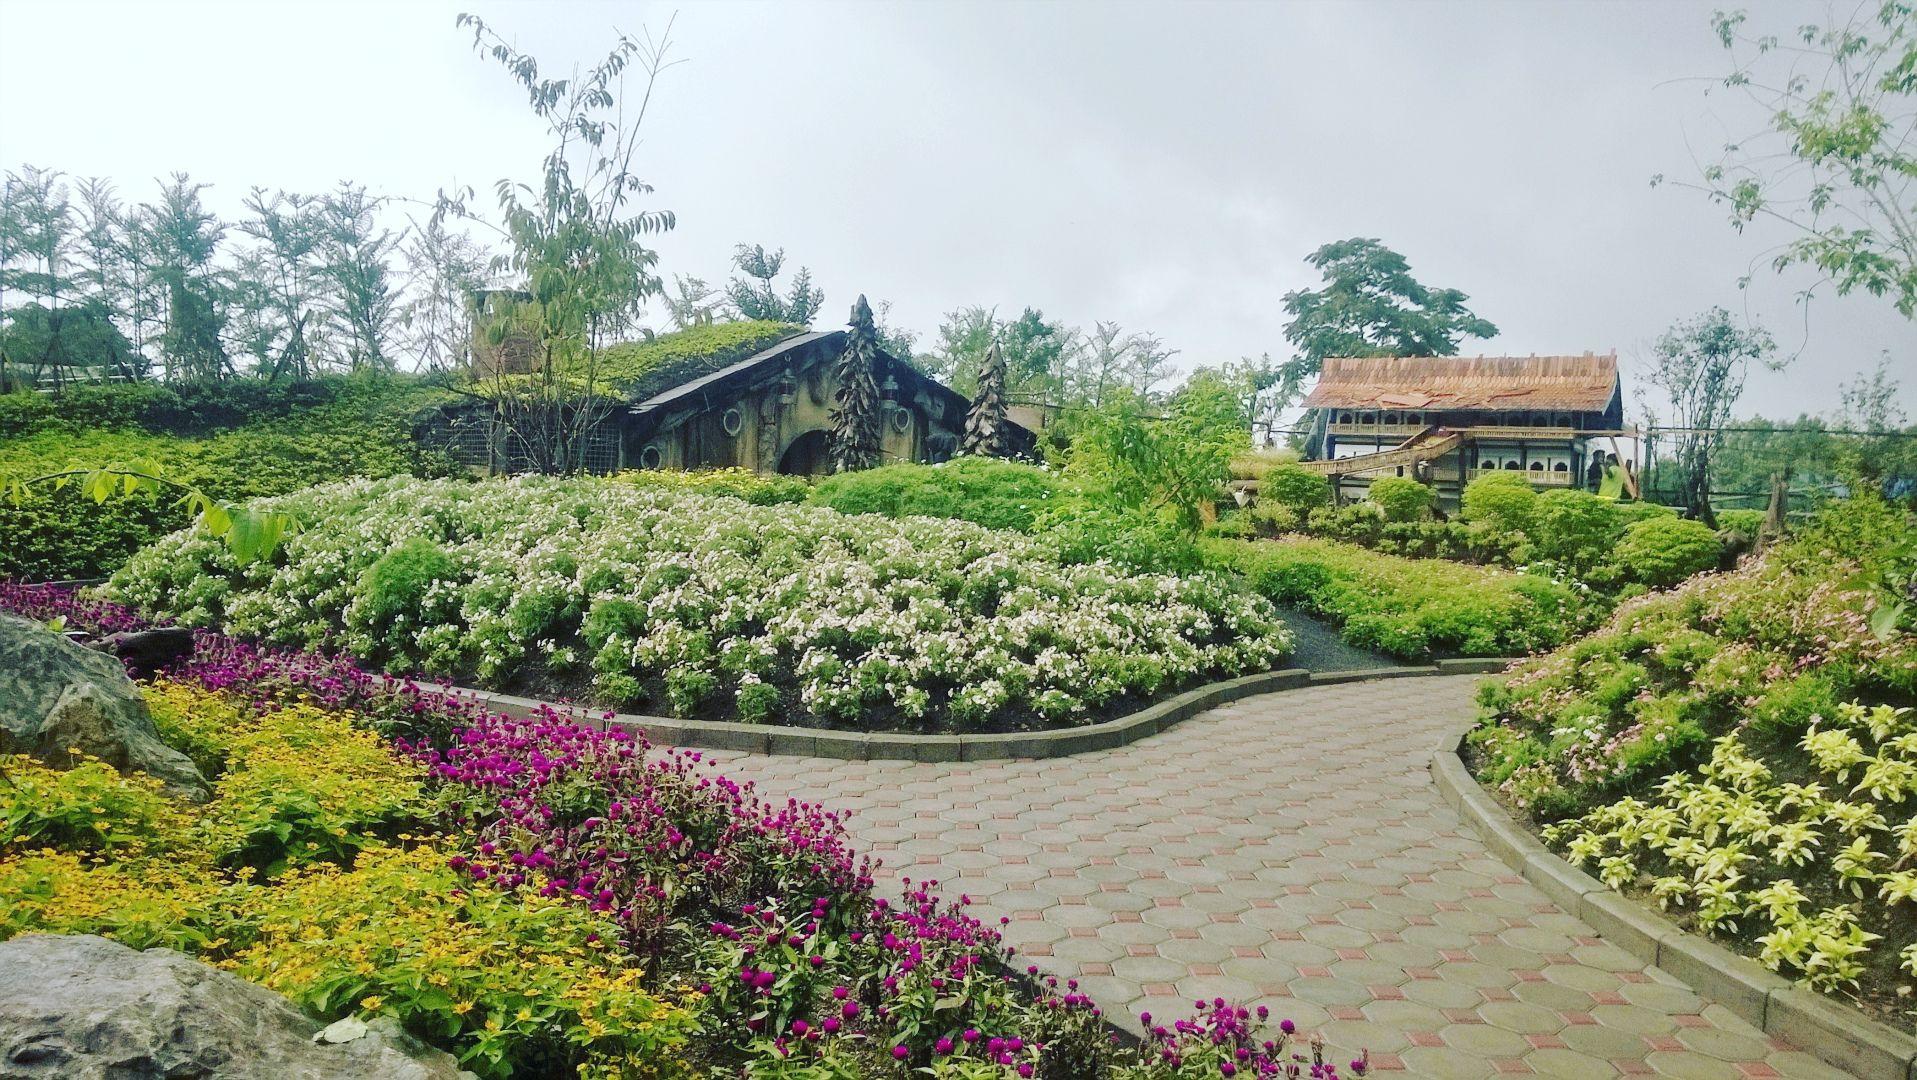 Wisata Alam Farmhouse Bandung Lembang Pemandangan Tempat Singapura